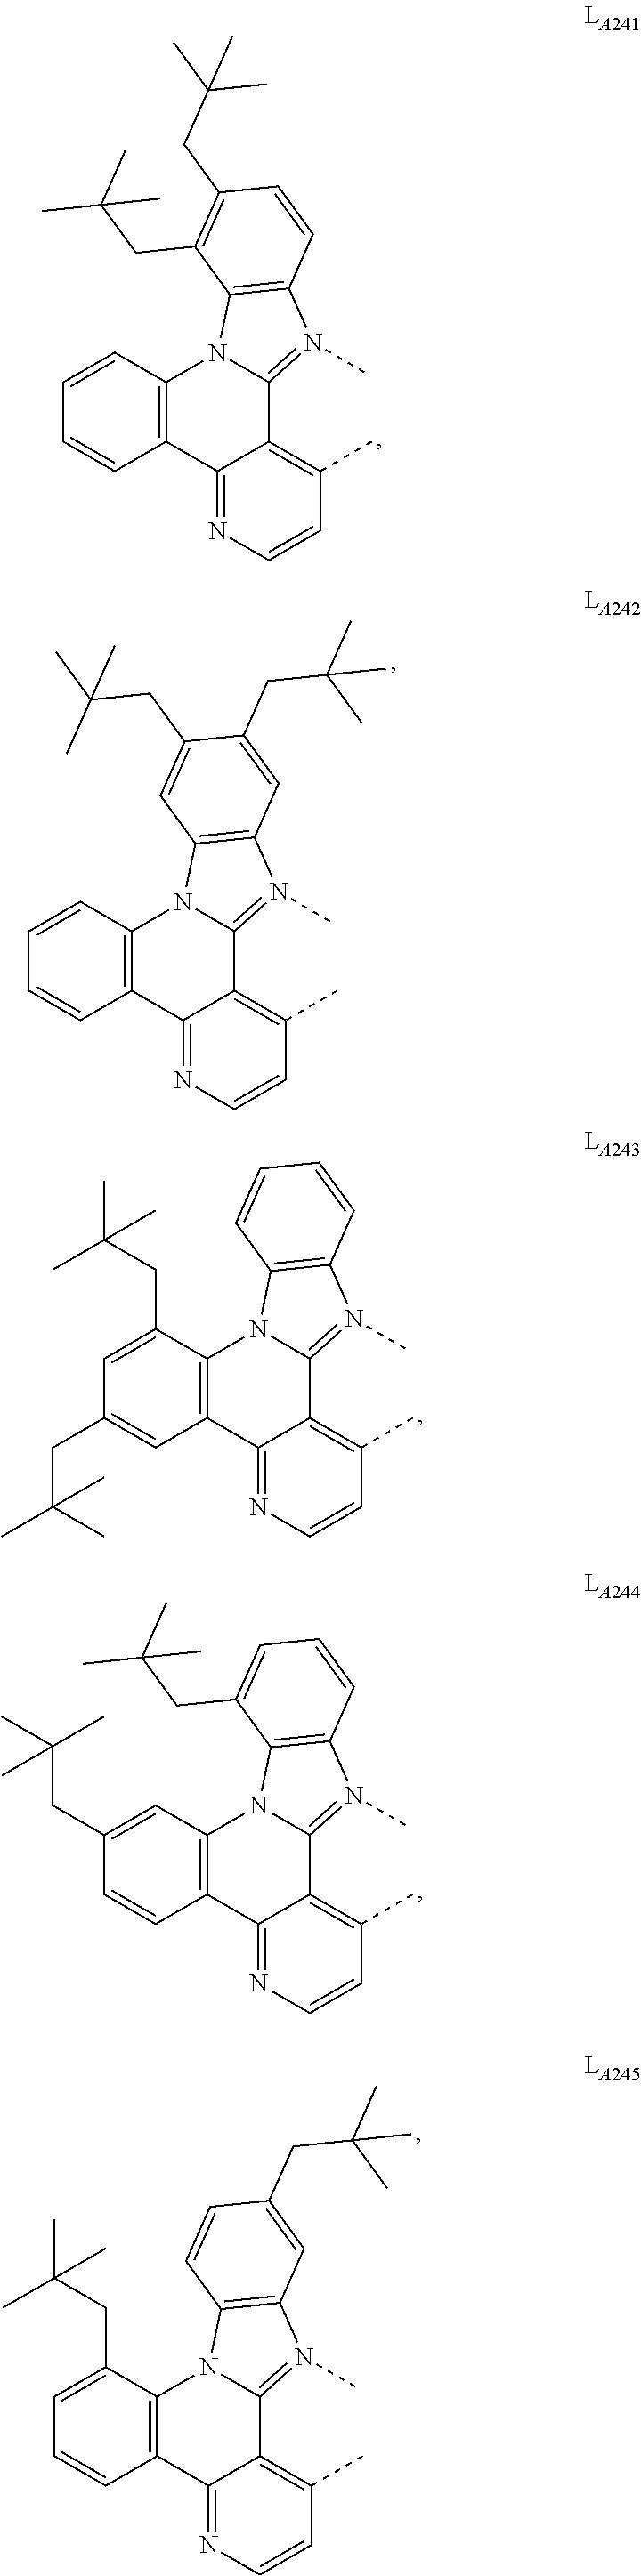 Figure US09905785-20180227-C00081